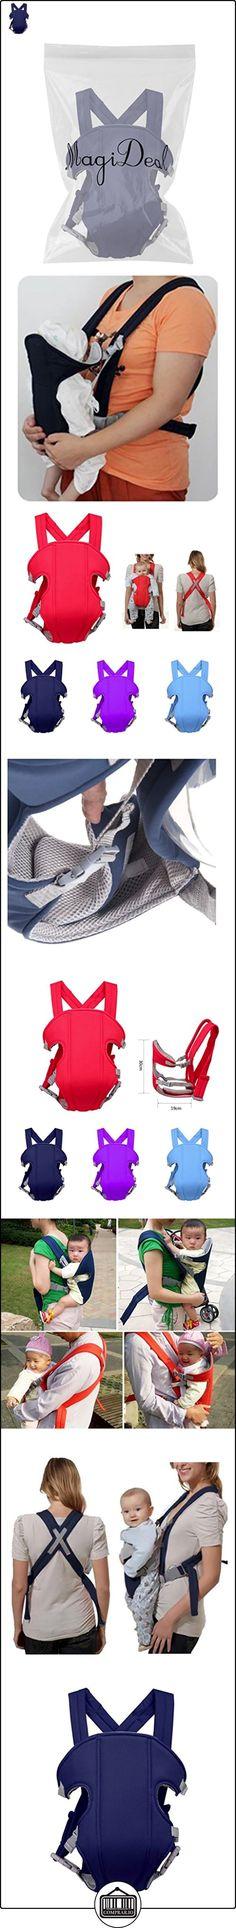 Honda Banda Ajustable Lactancia Abrigo Infantil Carrie Para Bebé Recién Nacido - Azul Oscuro  ✿ Seguridad para tu bebé - (Protege a tus hijos) ✿ ▬► Ver oferta: http://comprar.io/goto/B01HI8UOF2